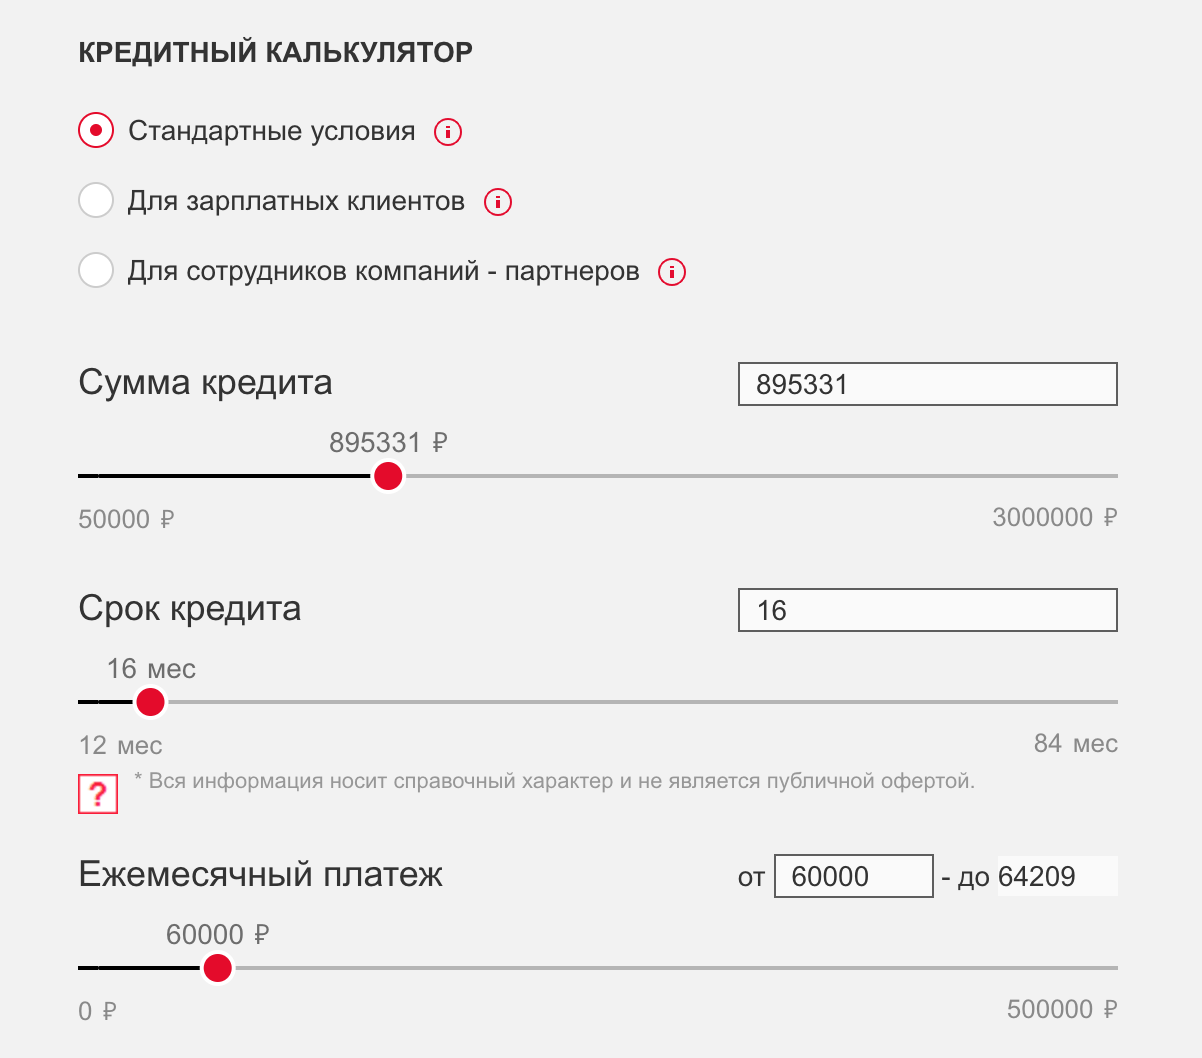 потребительский кредит росбанк калькулятор для клиентов